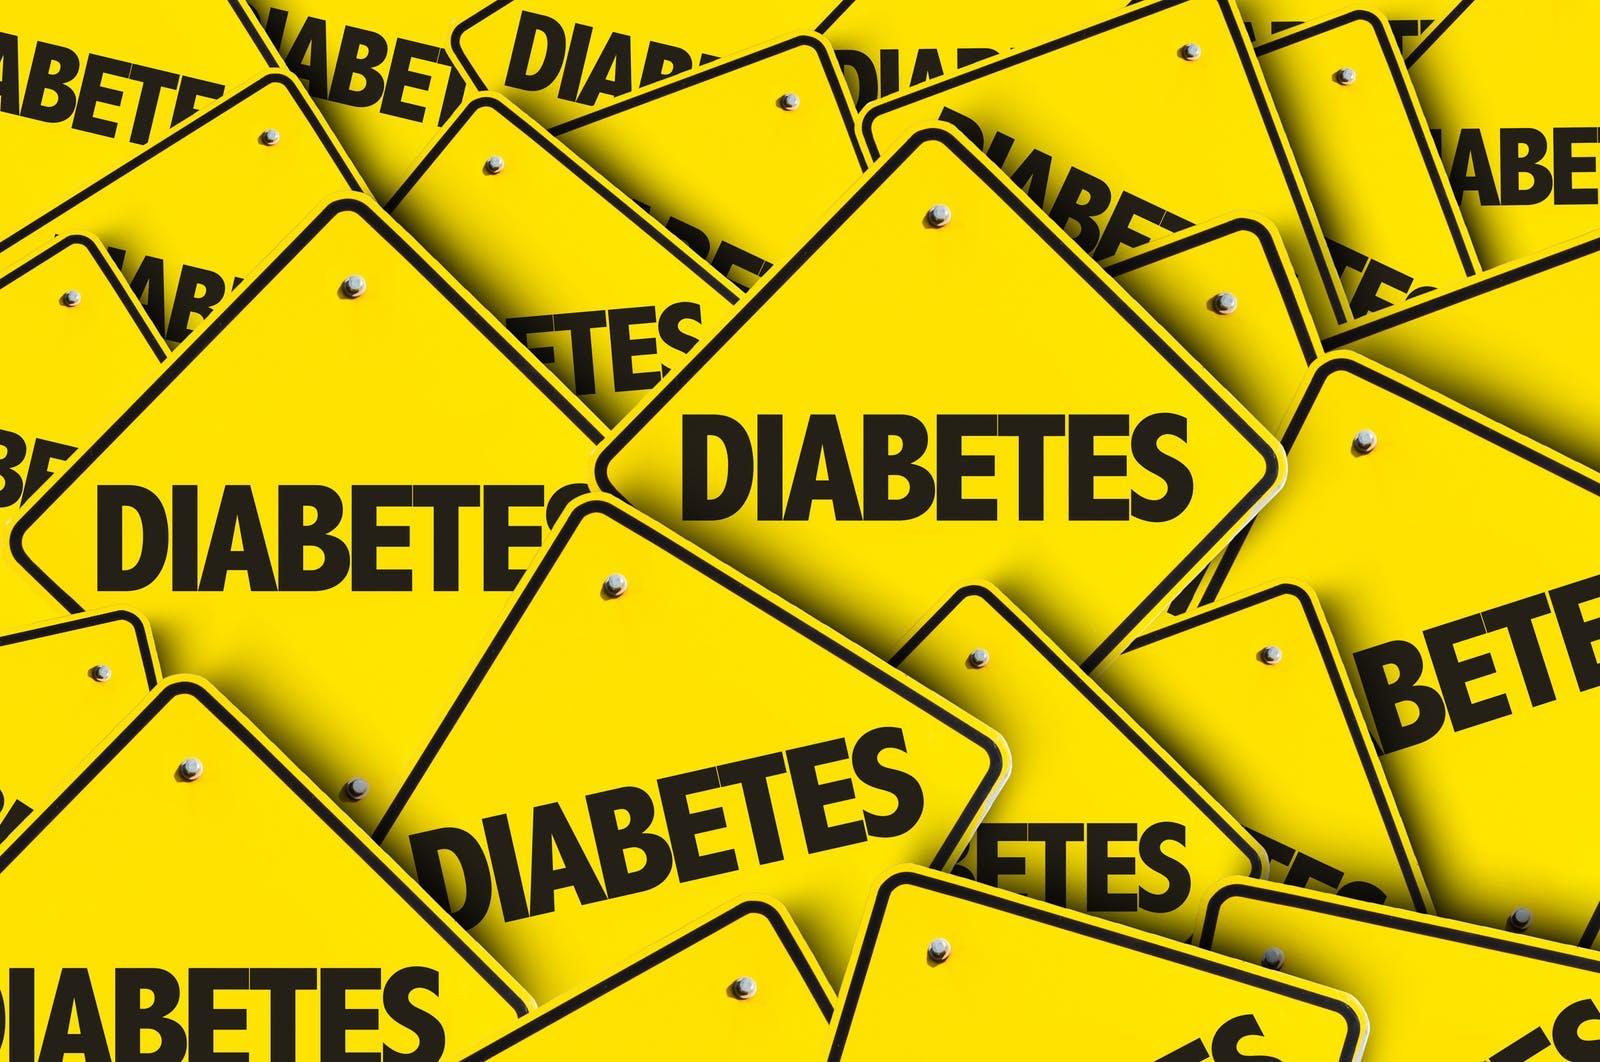 14 procent av vuxna i USA har diabetes